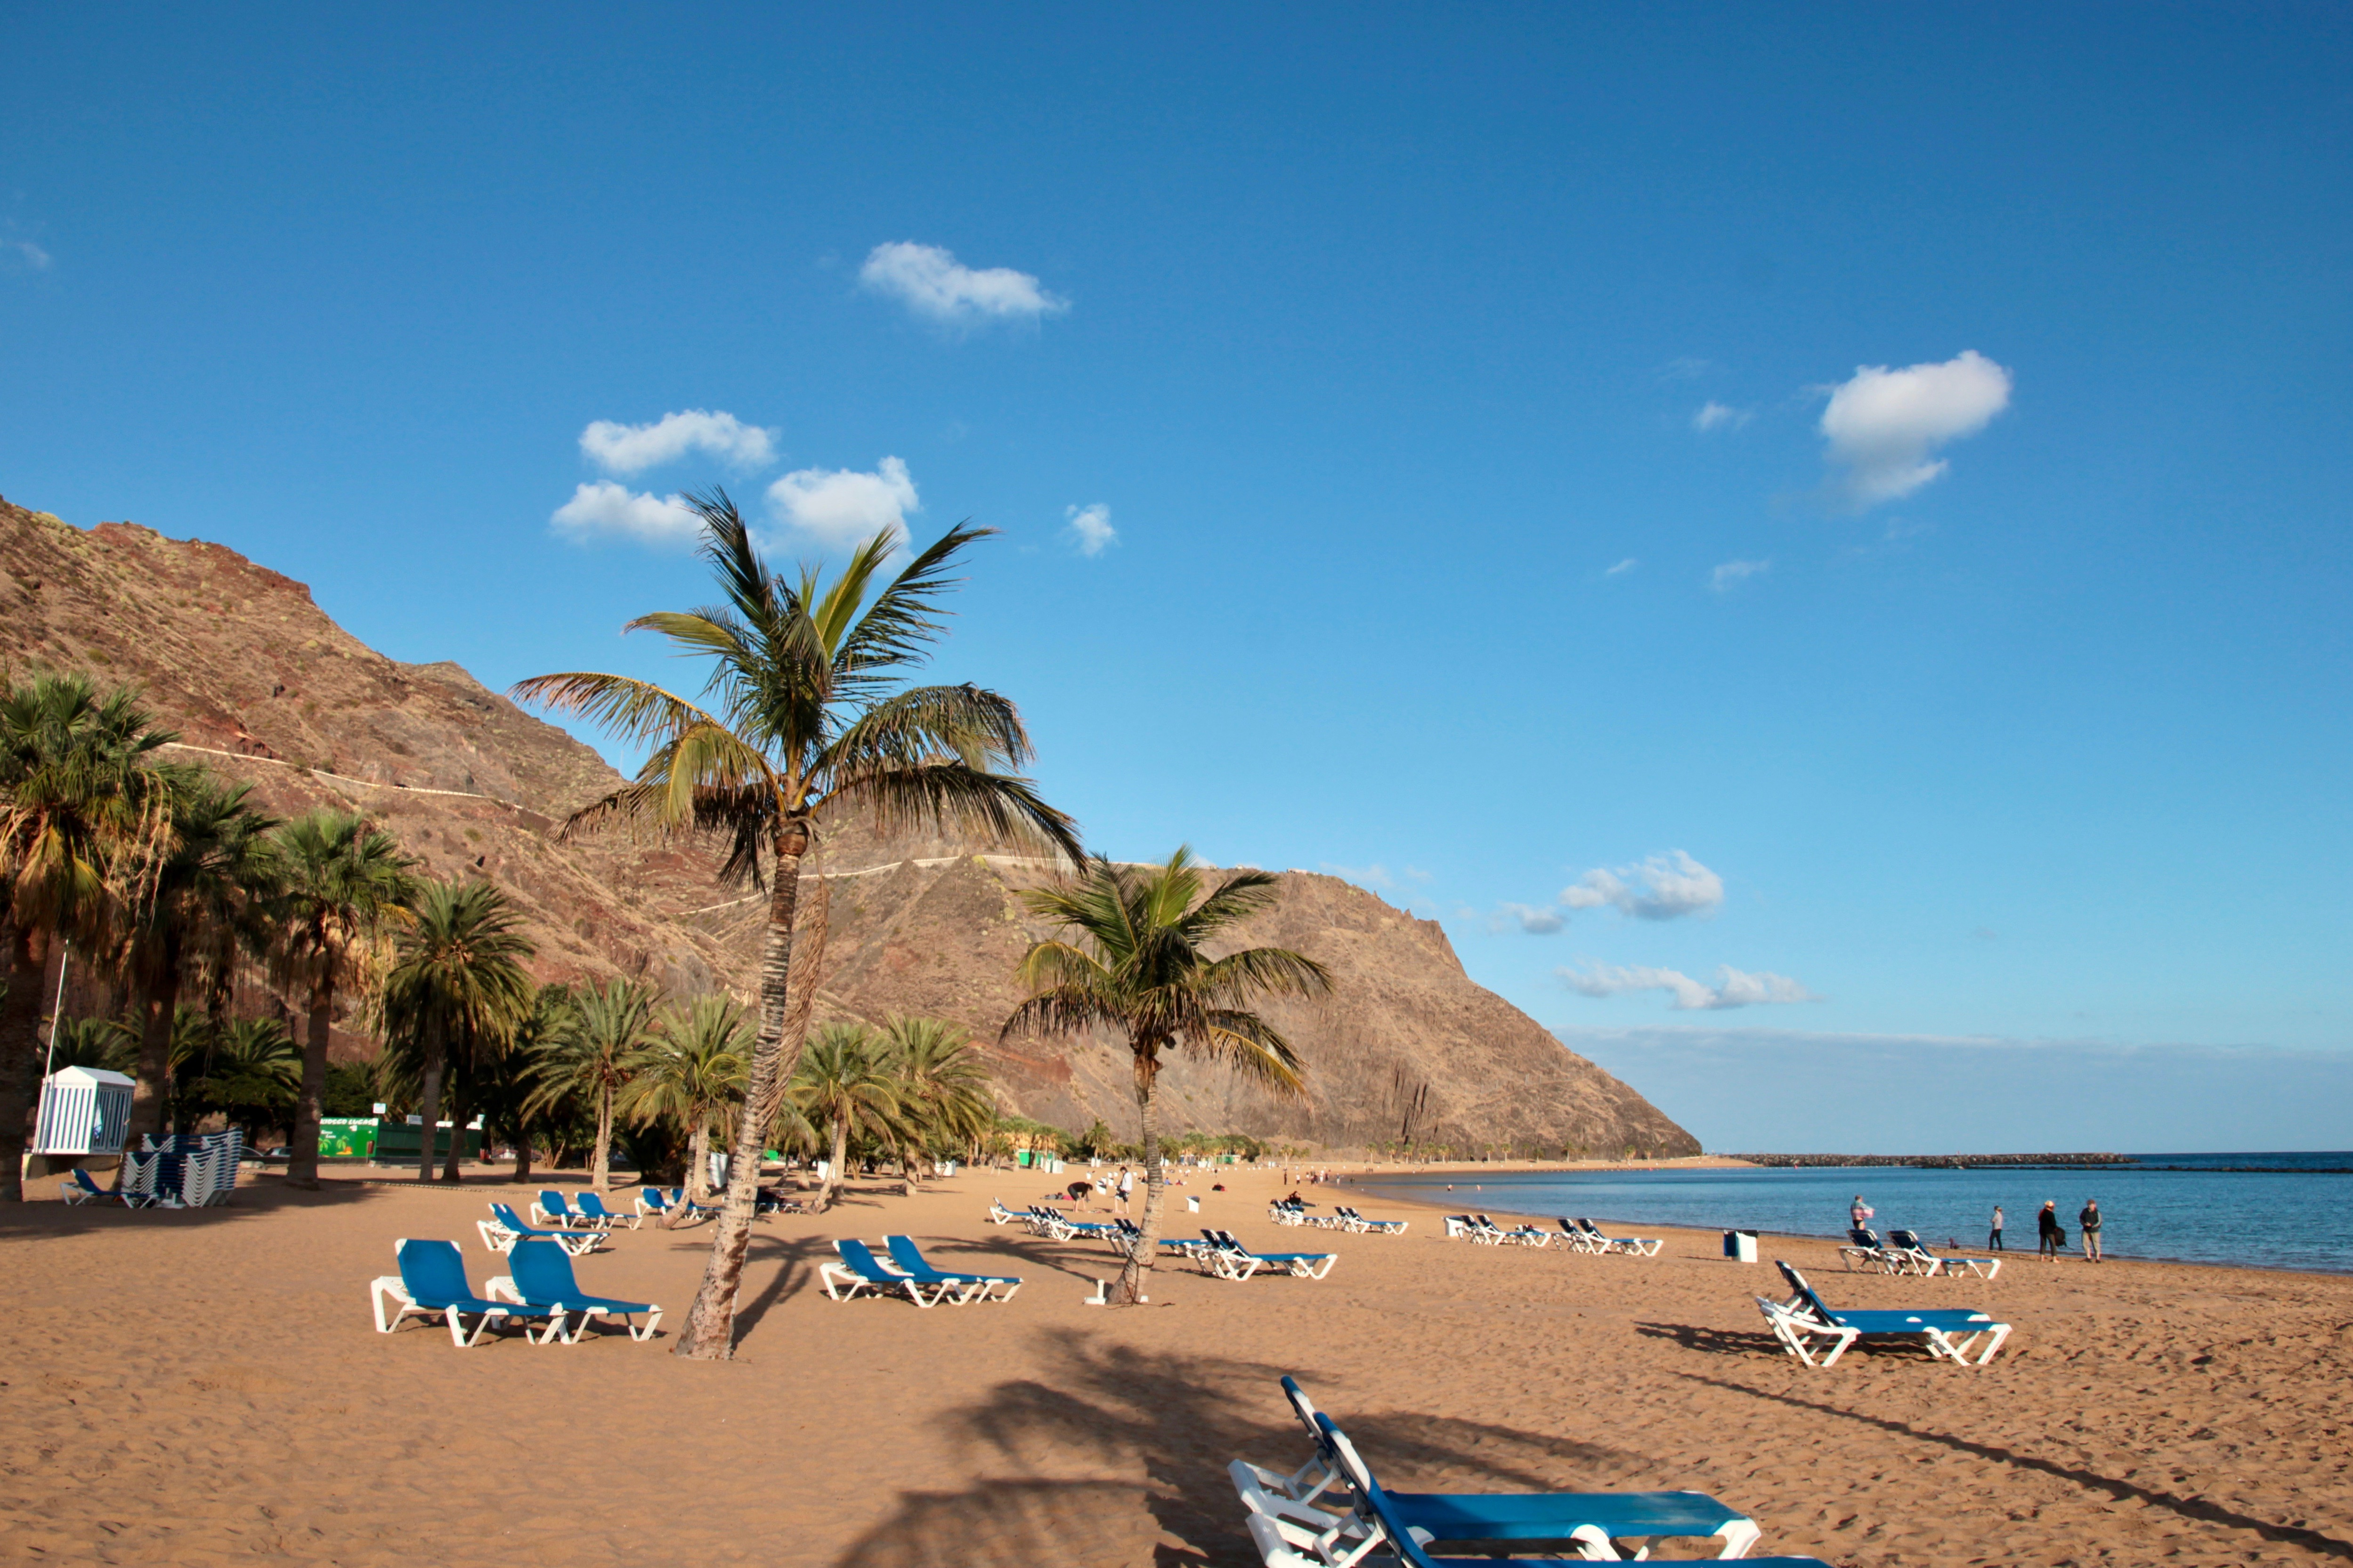 spiagge pù belle di Tenerife